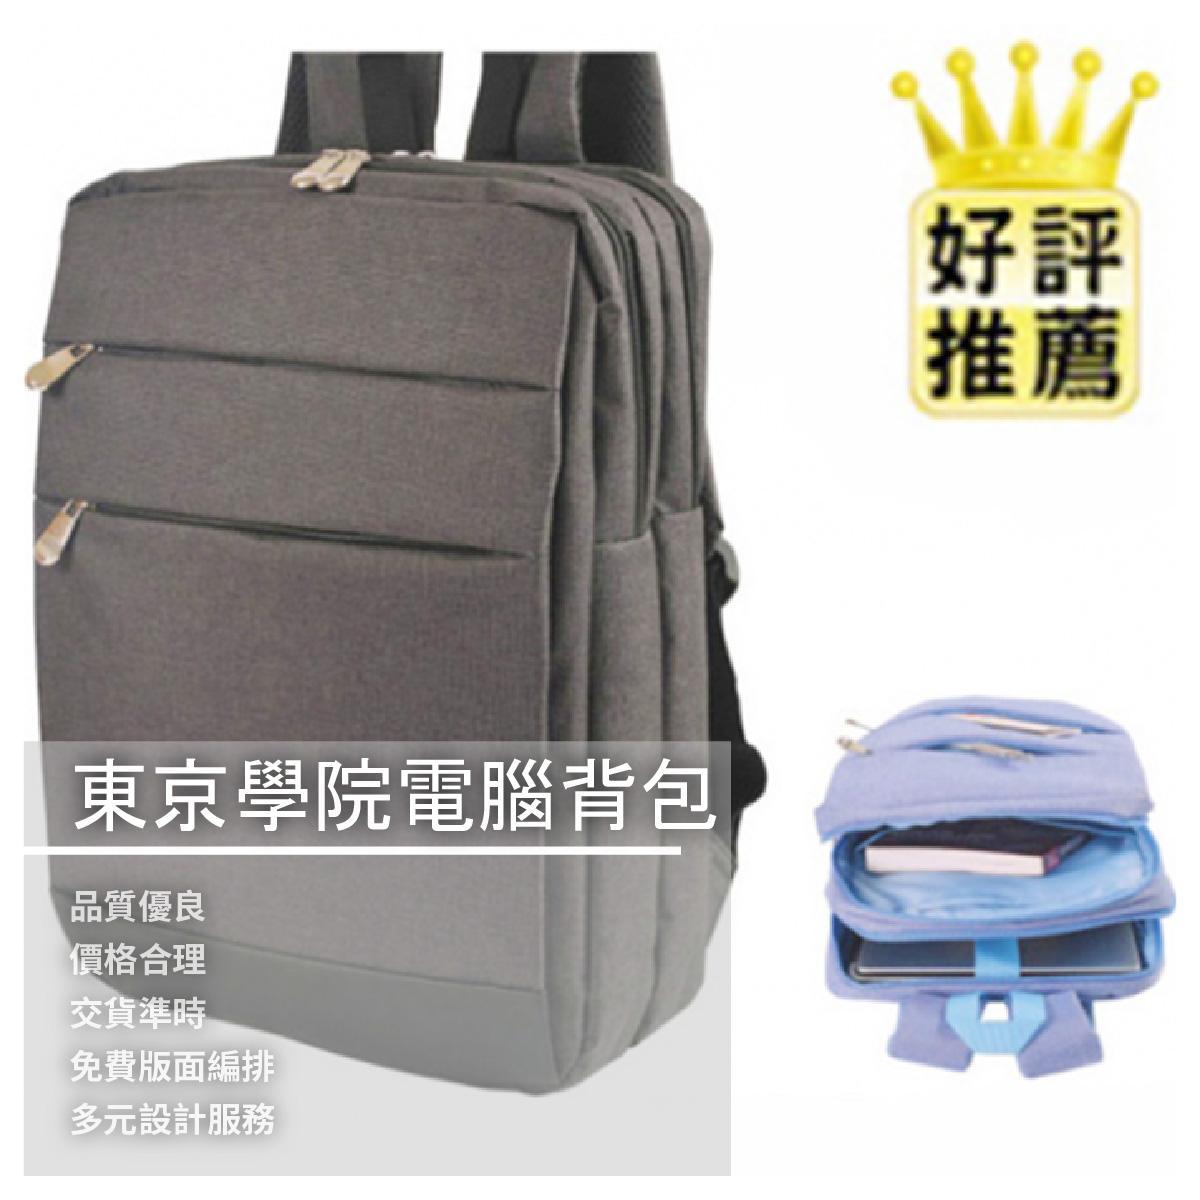 【長恒製袋】東京學院電腦背包/兩款顏色